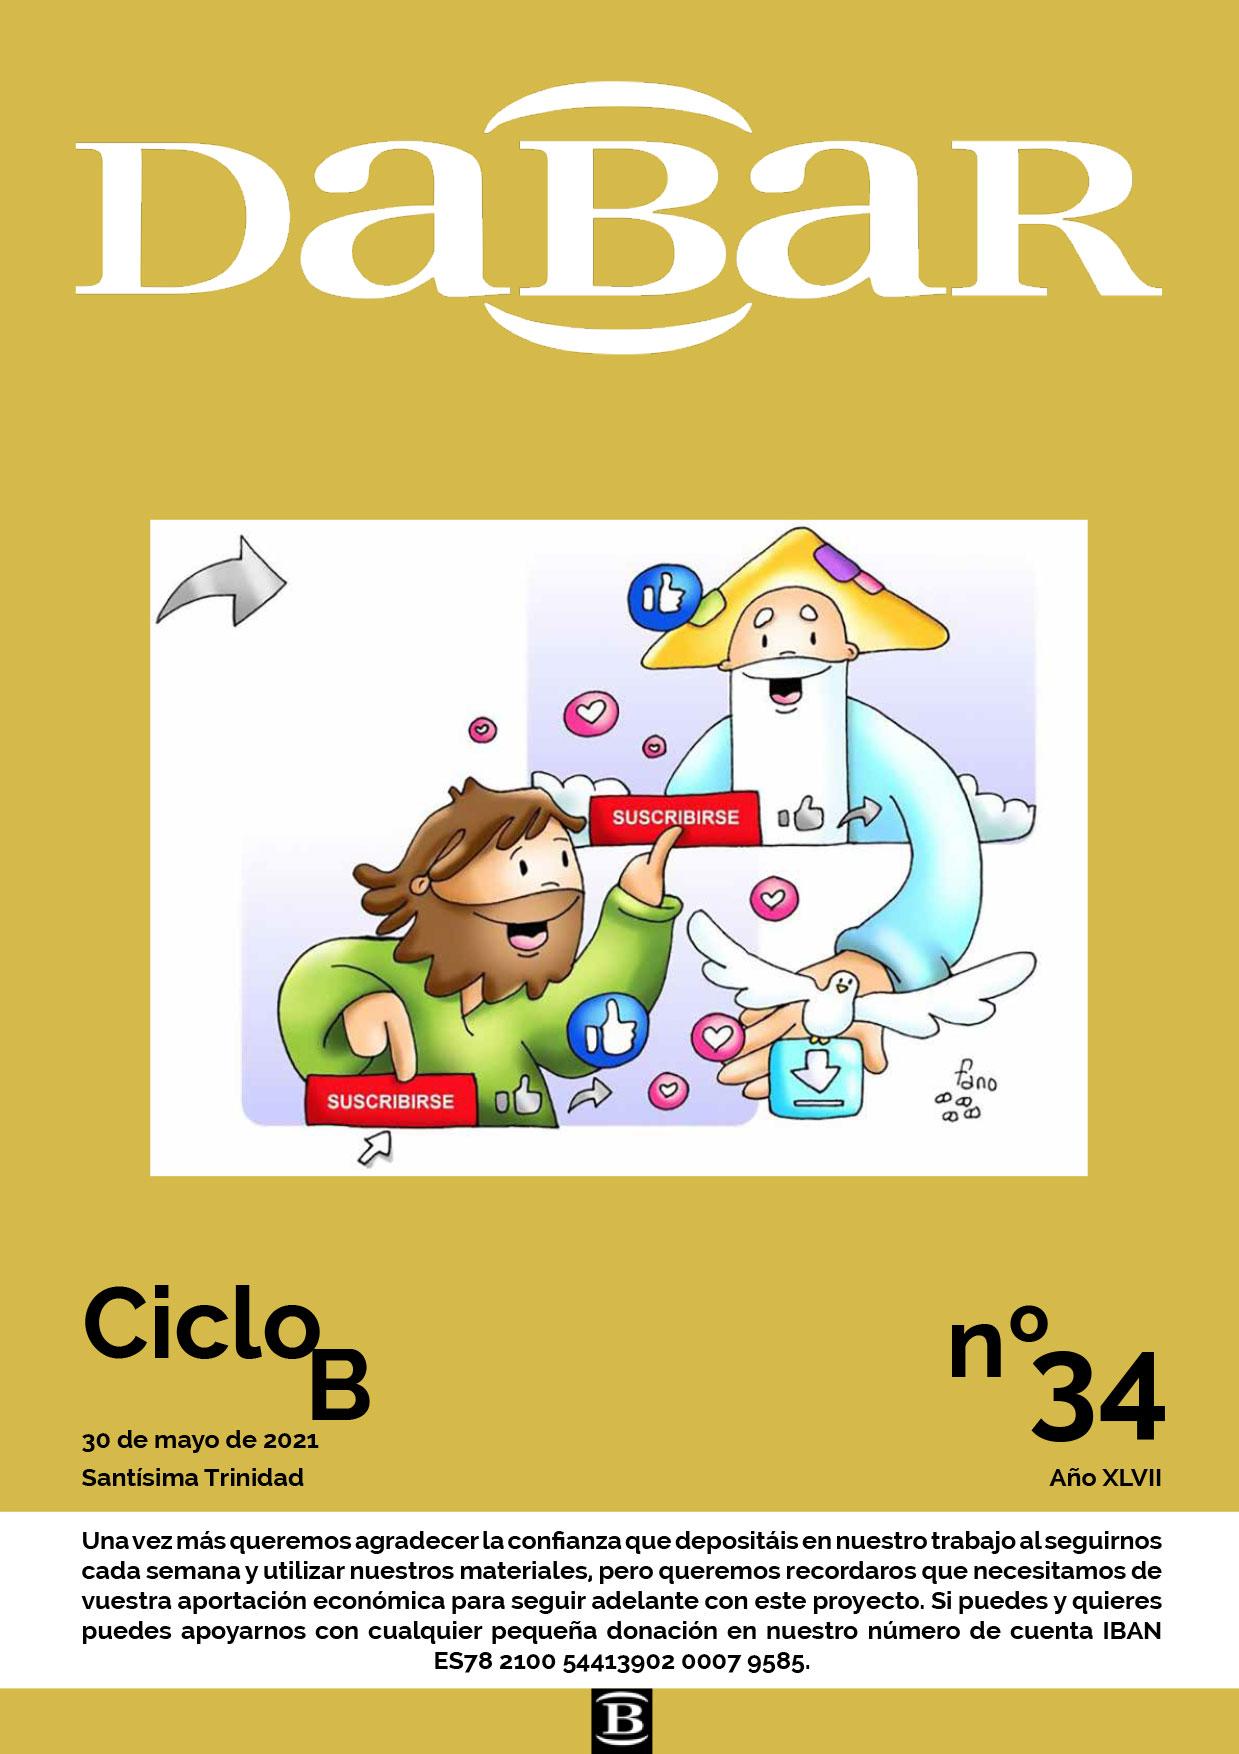 Dabar Revista número 34 ciclo B